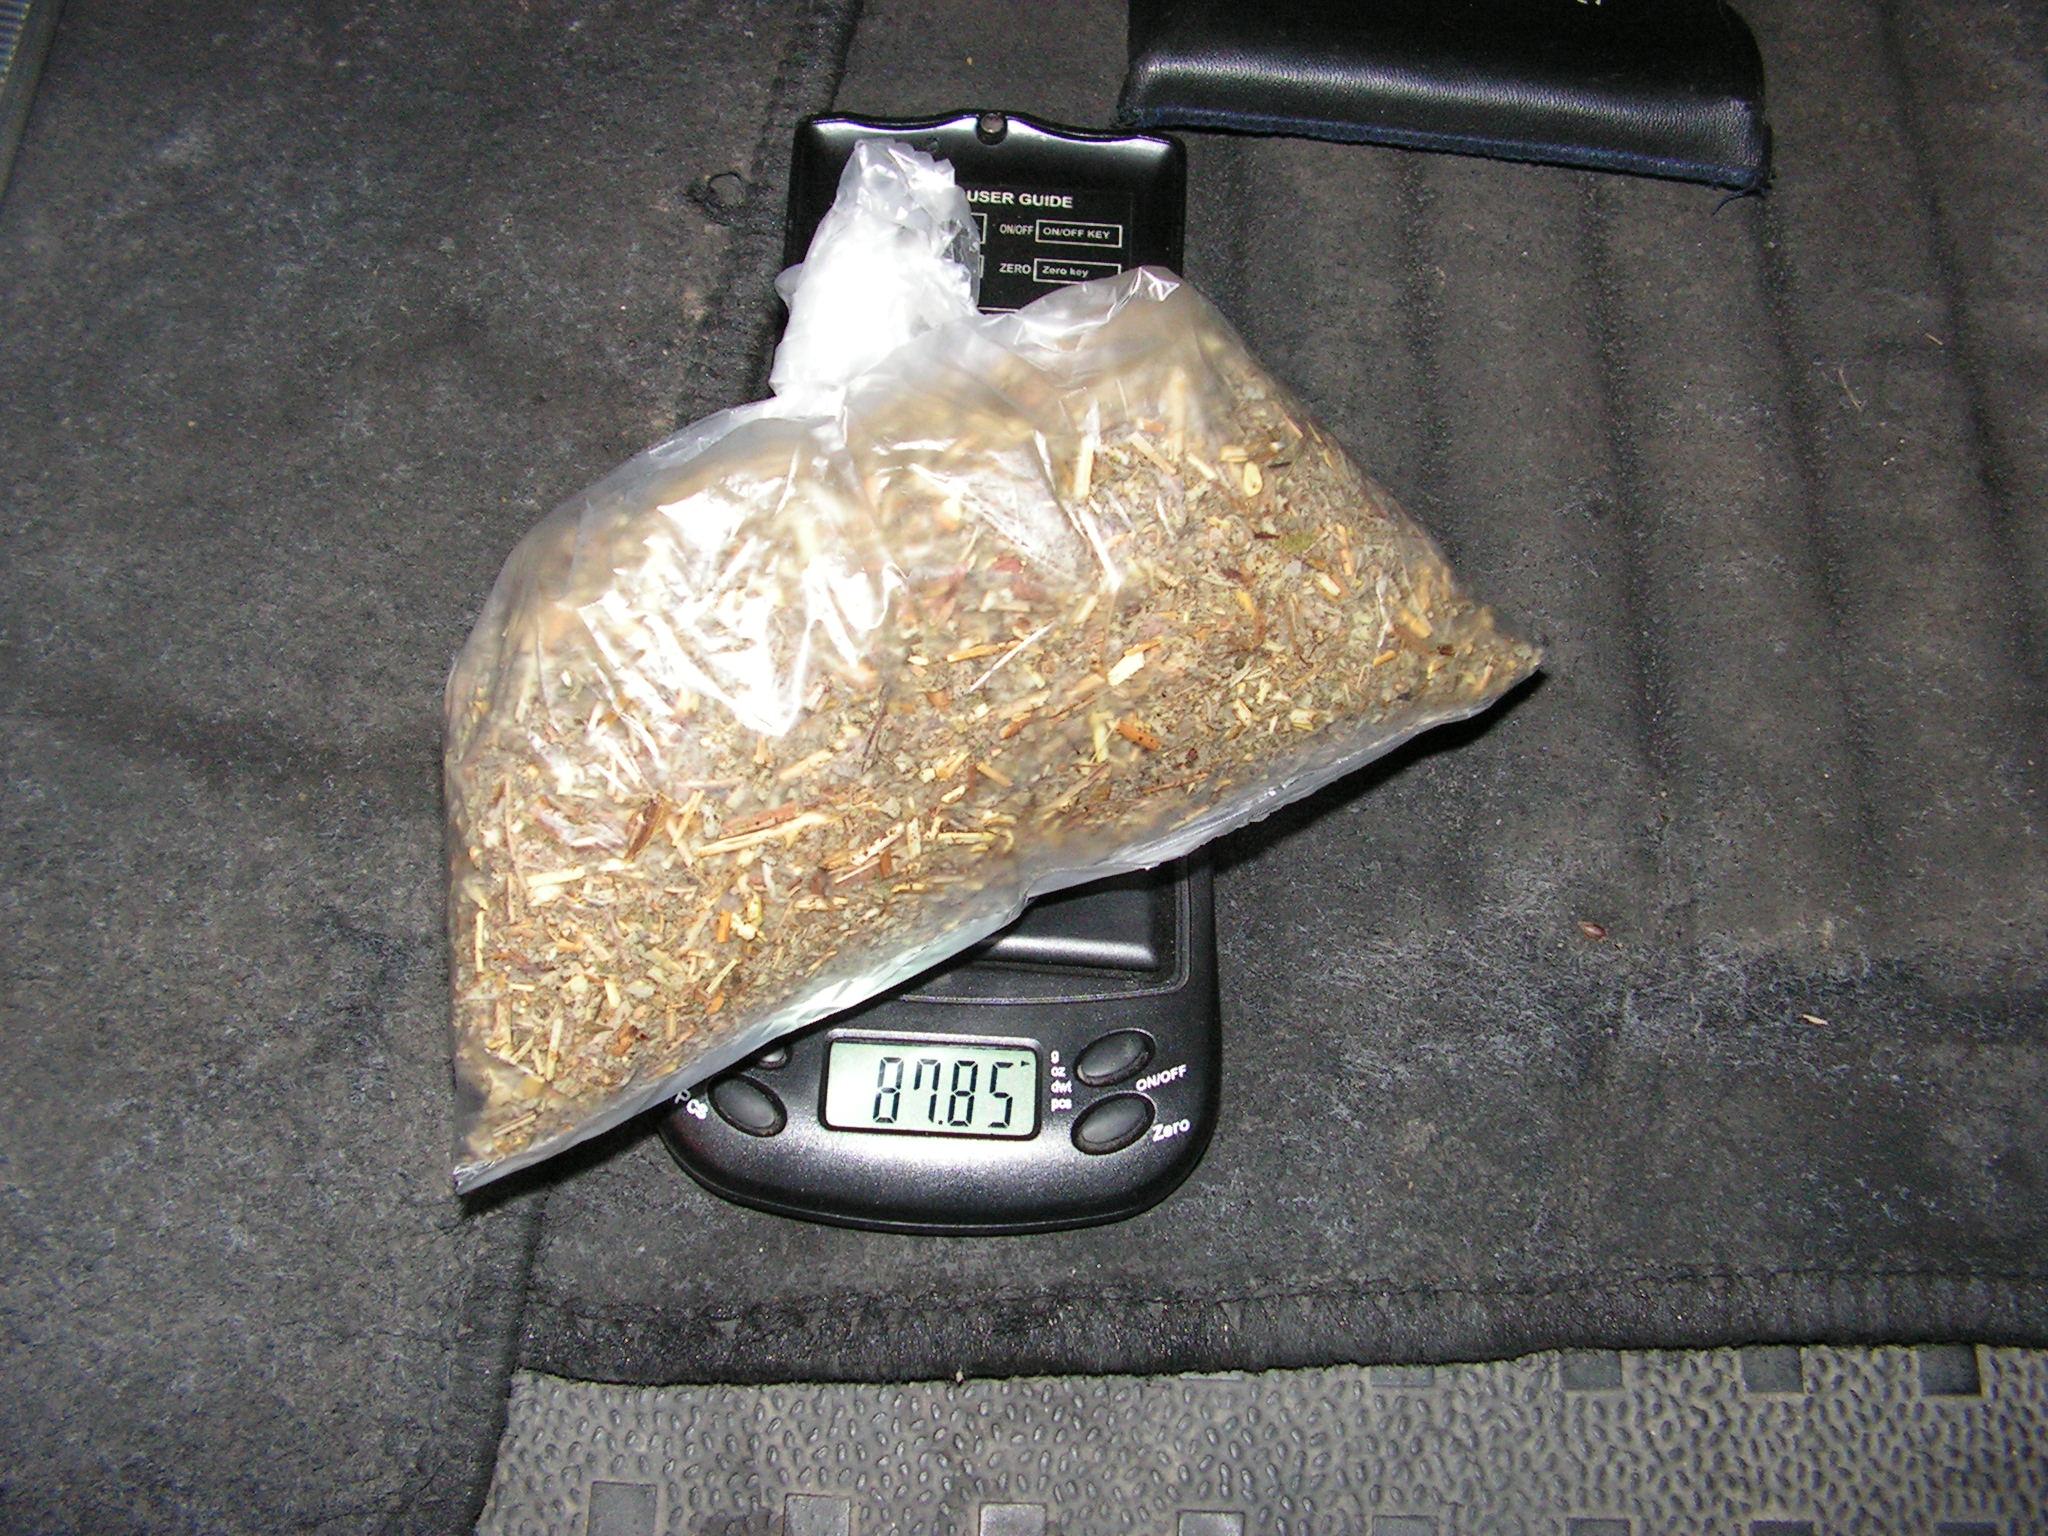 Задържаха двама младежи с 87,85 гр. амфетамин, единият шо� ...